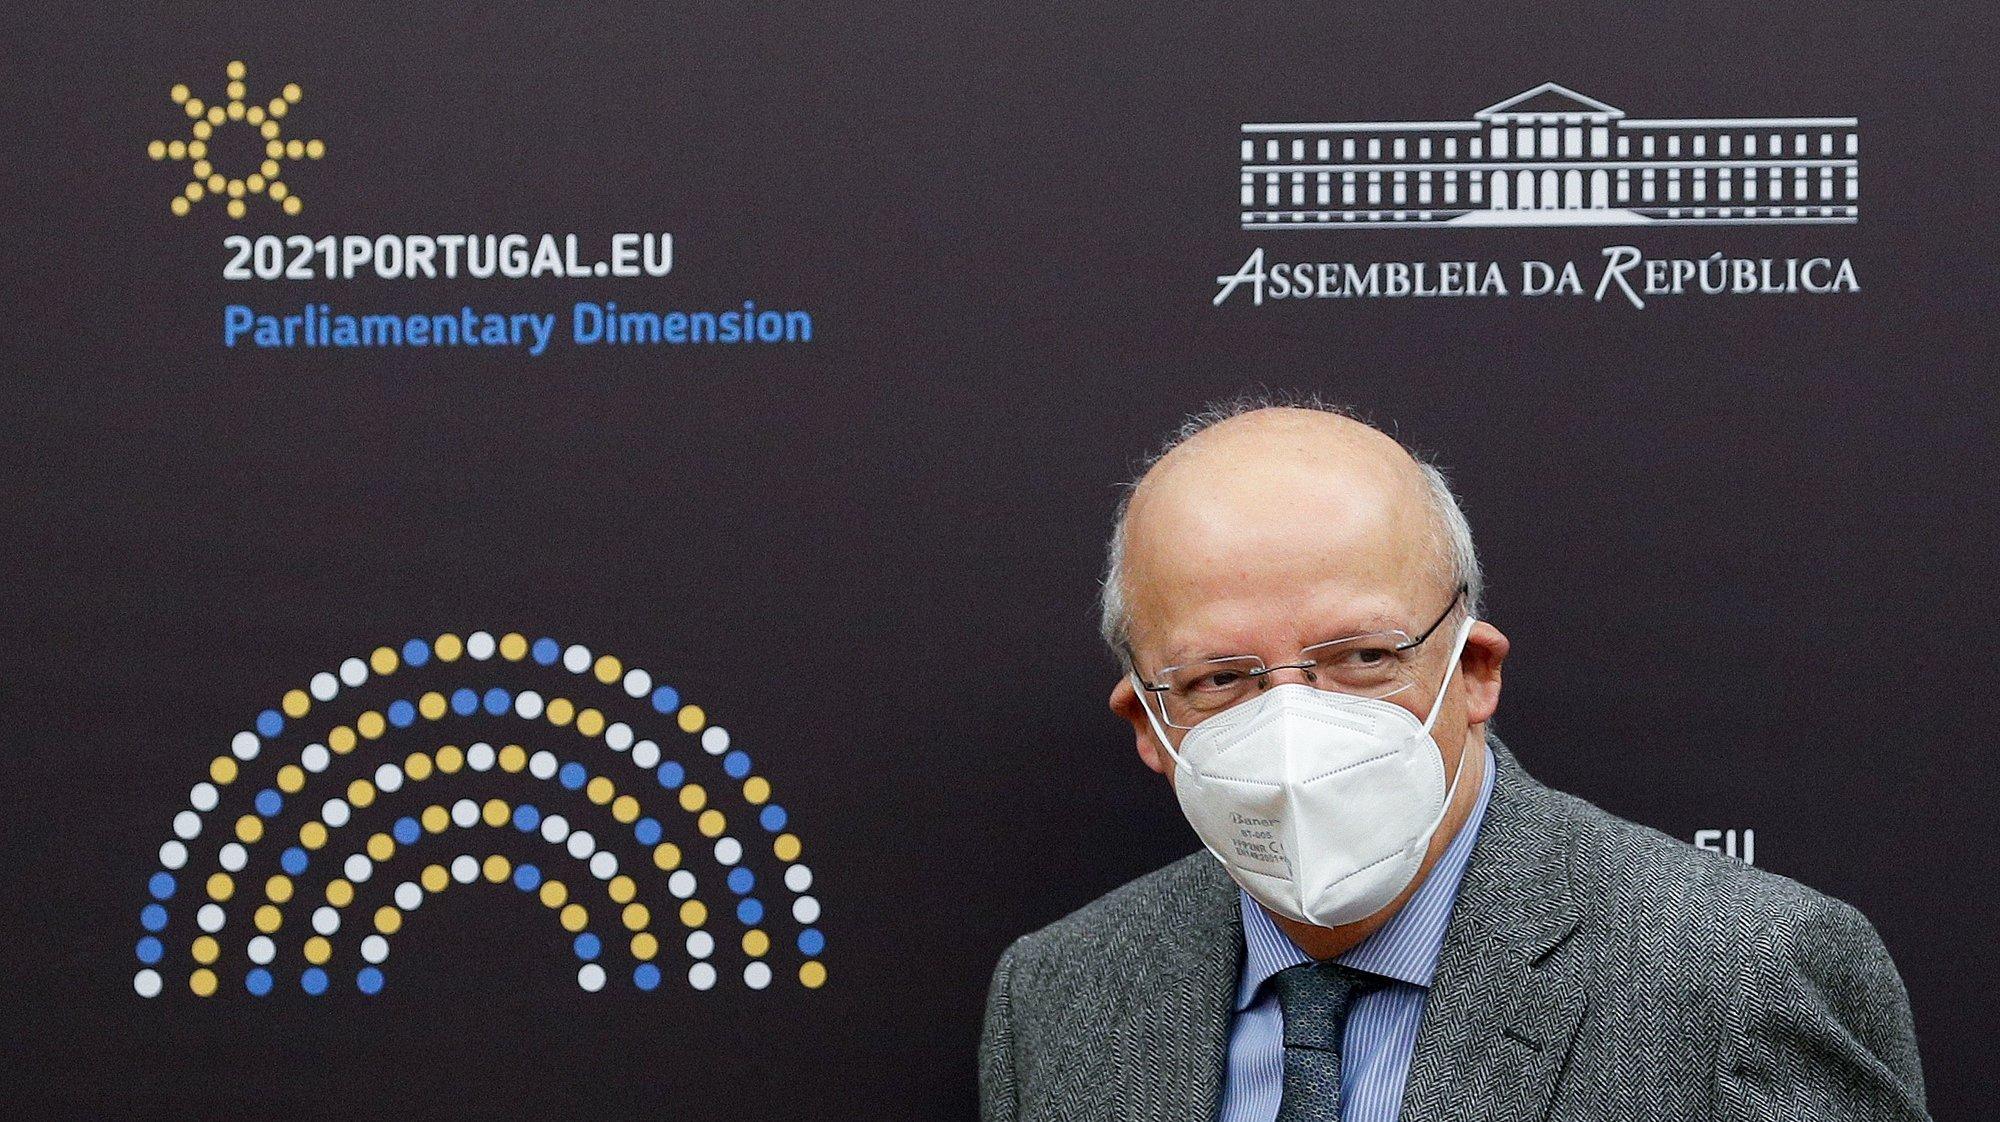 O ministro dos Negócios Estrangeiros, Augusto Santos Silva, à chegada para a sua audição perante a Comissão de Assuntos Europeus (conjunta com a Comissão de Negócios Estrangeiros e Comunidades Portuguesas), na Assembleia da República, em Lisboa, 17 de fevereiro de 2021. ANTÓNIO COTRIM/LUSA